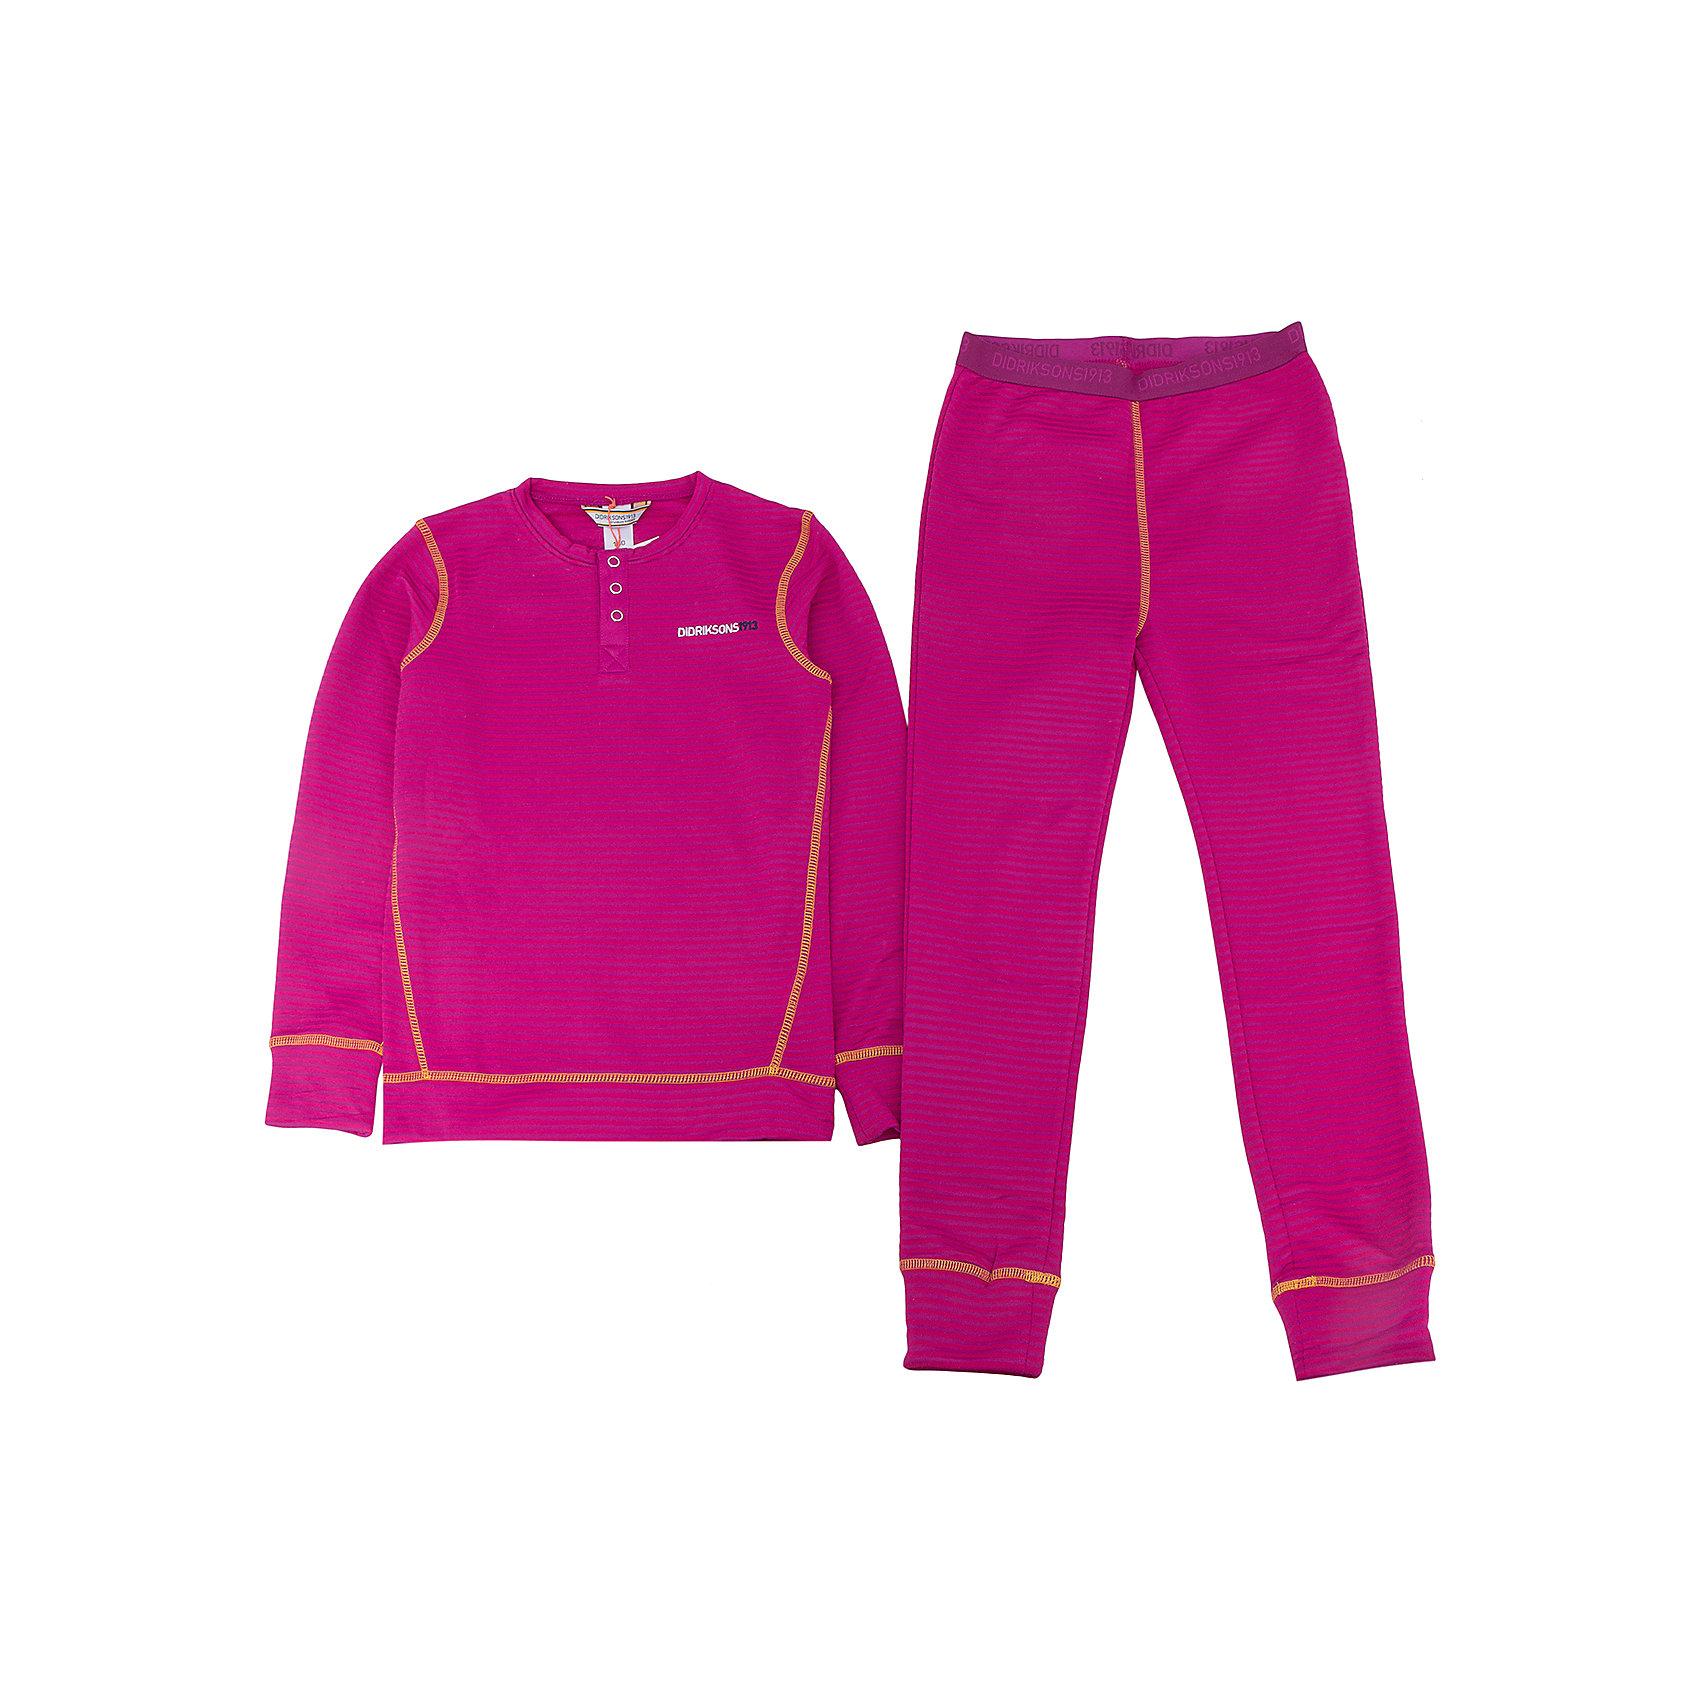 Термобелье Moarri для девочки DIDRIKSONSФлис и термобелье<br>Характеристики товара:<br><br>• цвет: фиолетовый<br>• материал: 100% полиэстер<br>• трикотаж<br>• комплектация: штаны и рубашка<br>• длинный рукав<br>• мягкий материал<br>• пояс на резинке<br>• манжеты<br>• горловина на пуговицах<br>• страна бренда: Швеция<br>• страна производства: Китай<br><br>Такой комплект понадобится в холодную и сырую погоду! Он не только очень теплый, но еще и очень комфортный. Комплект обеспечит ребенку удобство при прогулках и активном отдыхе в холода. Такая модель от шведского производителя легко стирается.<br>Материал комплета - легкий трикотаж, который обладает отличными теплоизоляционными свойствами и приятен на ощупь. Очень стильная и удобная модель! Изделие качественно выполнено, сделано из безопасных для детей материалов. <br><br>Термобелье для девочки от бренда DIDRIKSONS можно купить в нашем интернет-магазине.<br><br>Ширина мм: 356<br>Глубина мм: 10<br>Высота мм: 245<br>Вес г: 519<br>Цвет: фиолетовый<br>Возраст от месяцев: 36<br>Возраст до месяцев: 48<br>Пол: Женский<br>Возраст: Детский<br>Размер: 100,110,120,130,140<br>SKU: 5212652